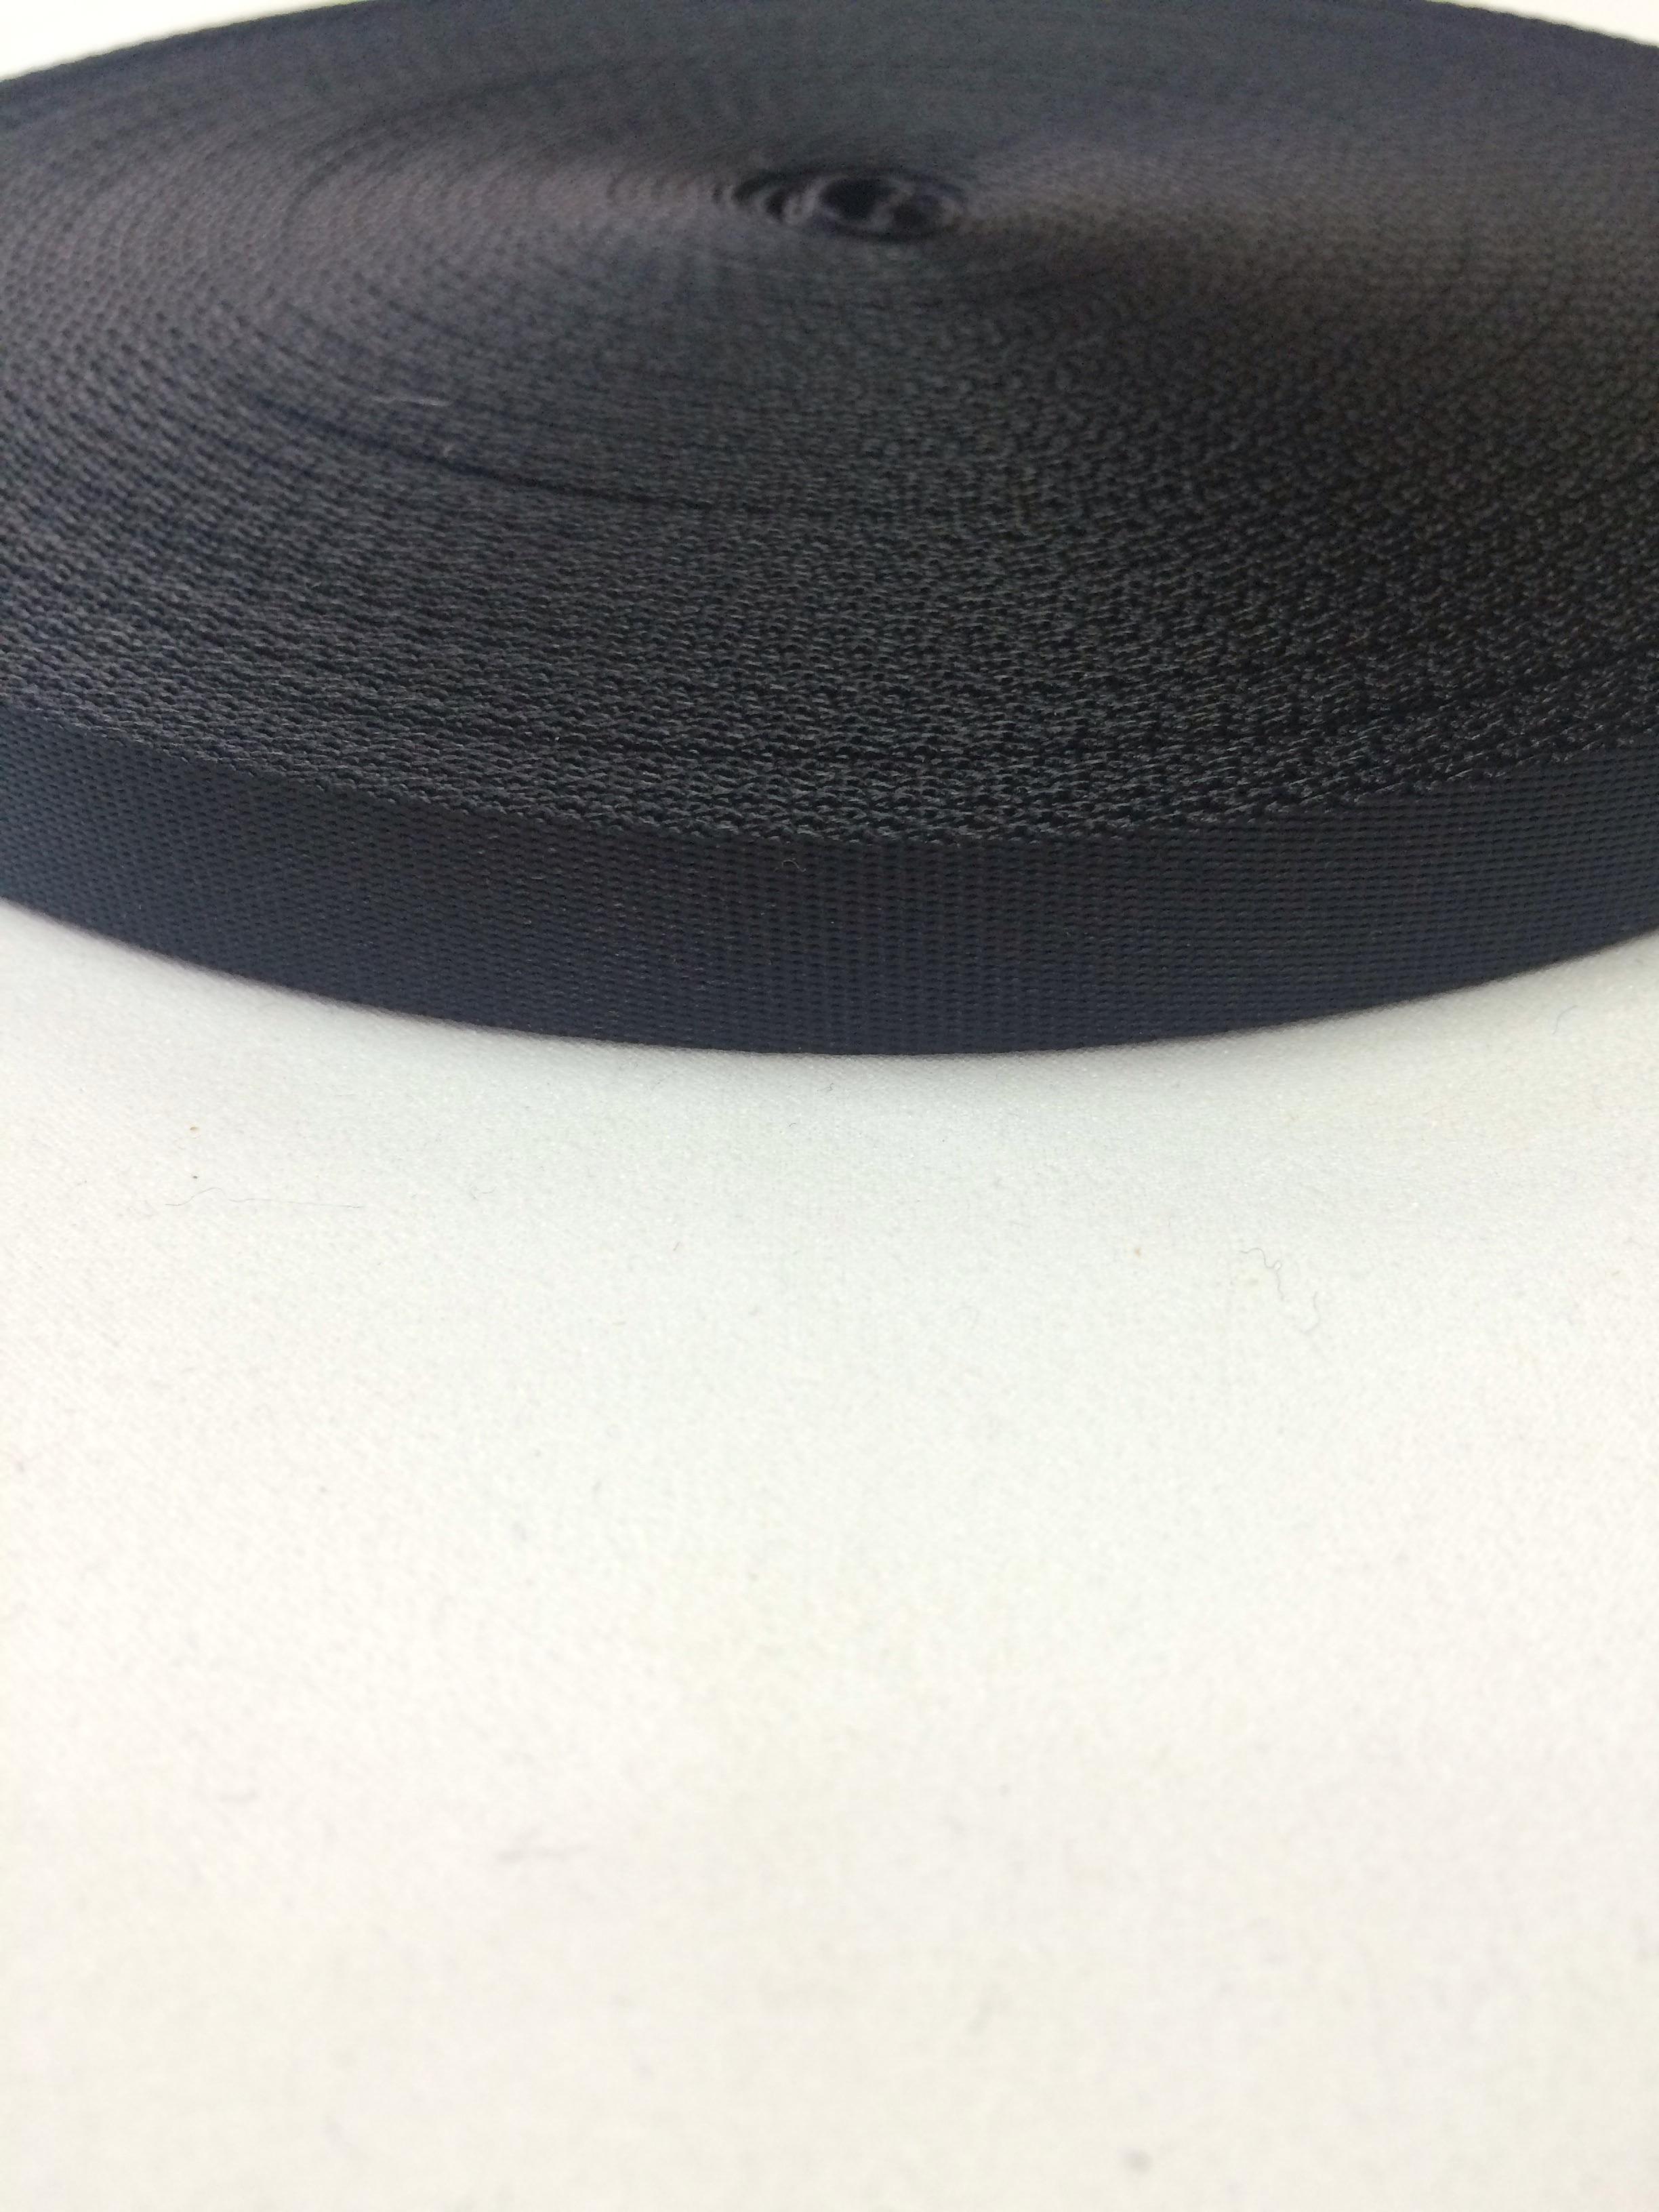 ナイロン  流綾織  20mm幅  1.2mm厚 黒  1反(50m)